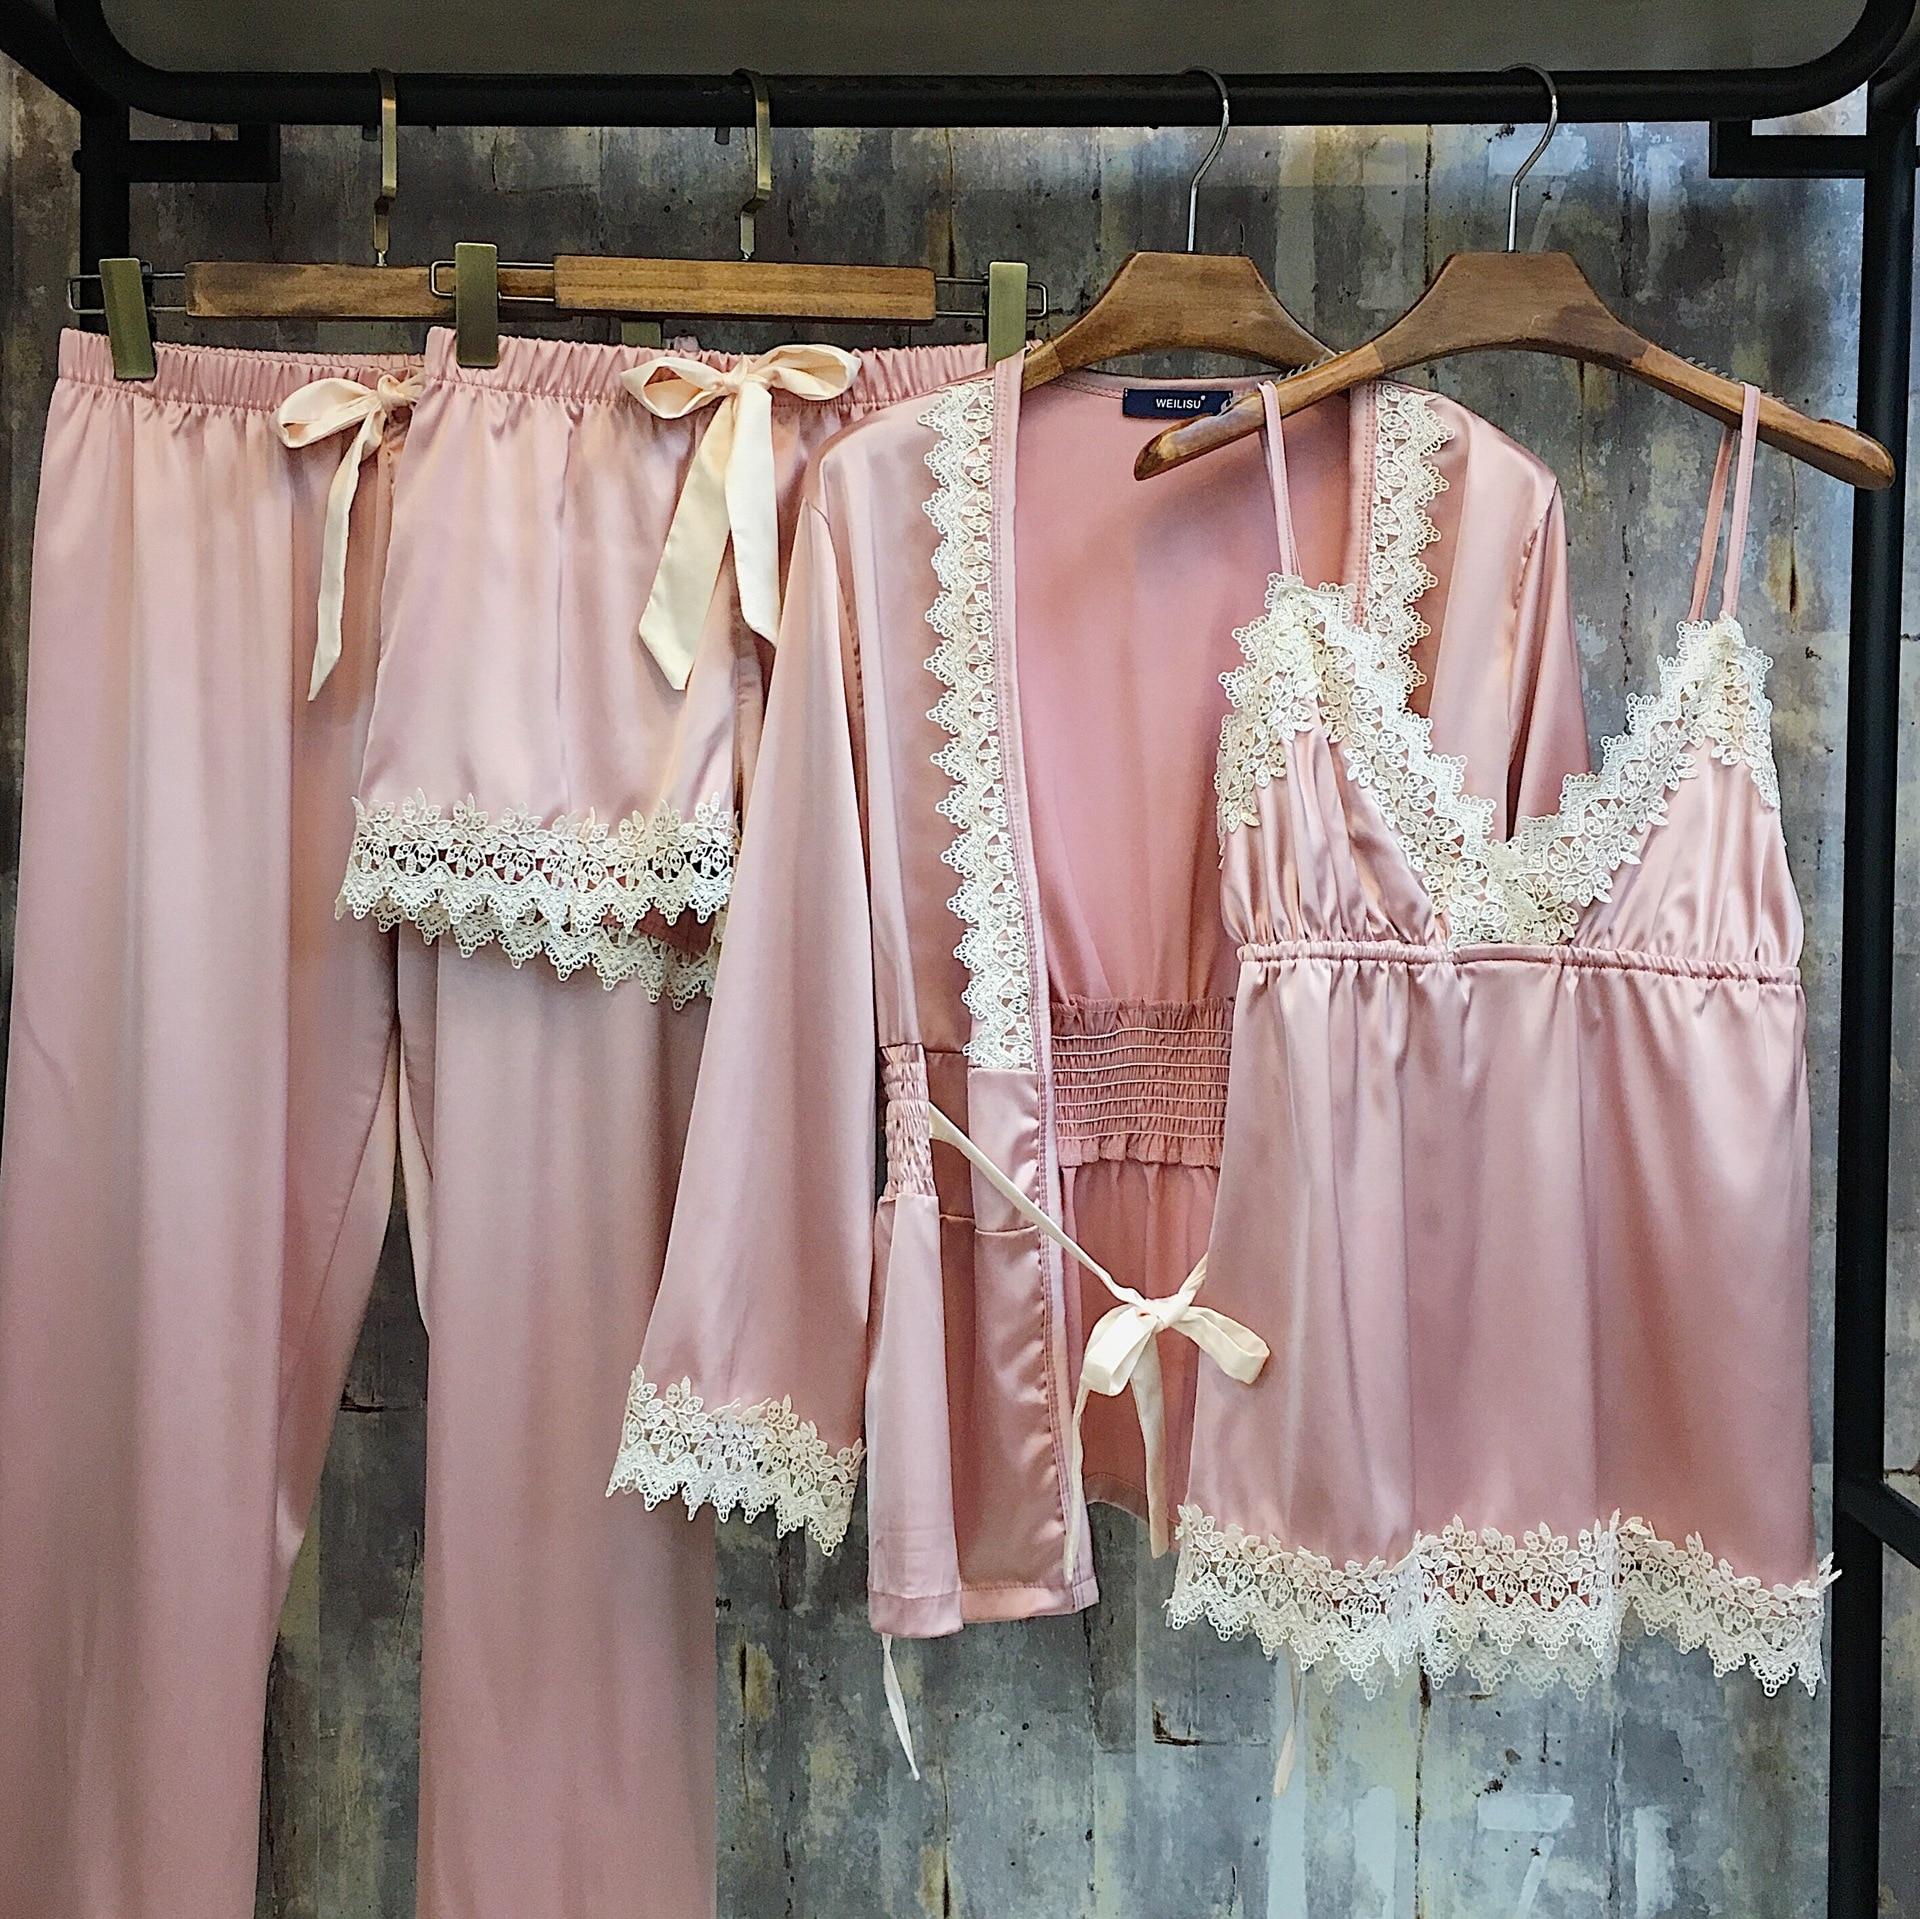 Printemps nouveau Satin soie pyjamas femmes dentelle épissé Sexy Lingerie ensembles dentelle-Up vêtements de nuit femmes chemise de nuit 4 pièces maison costumes